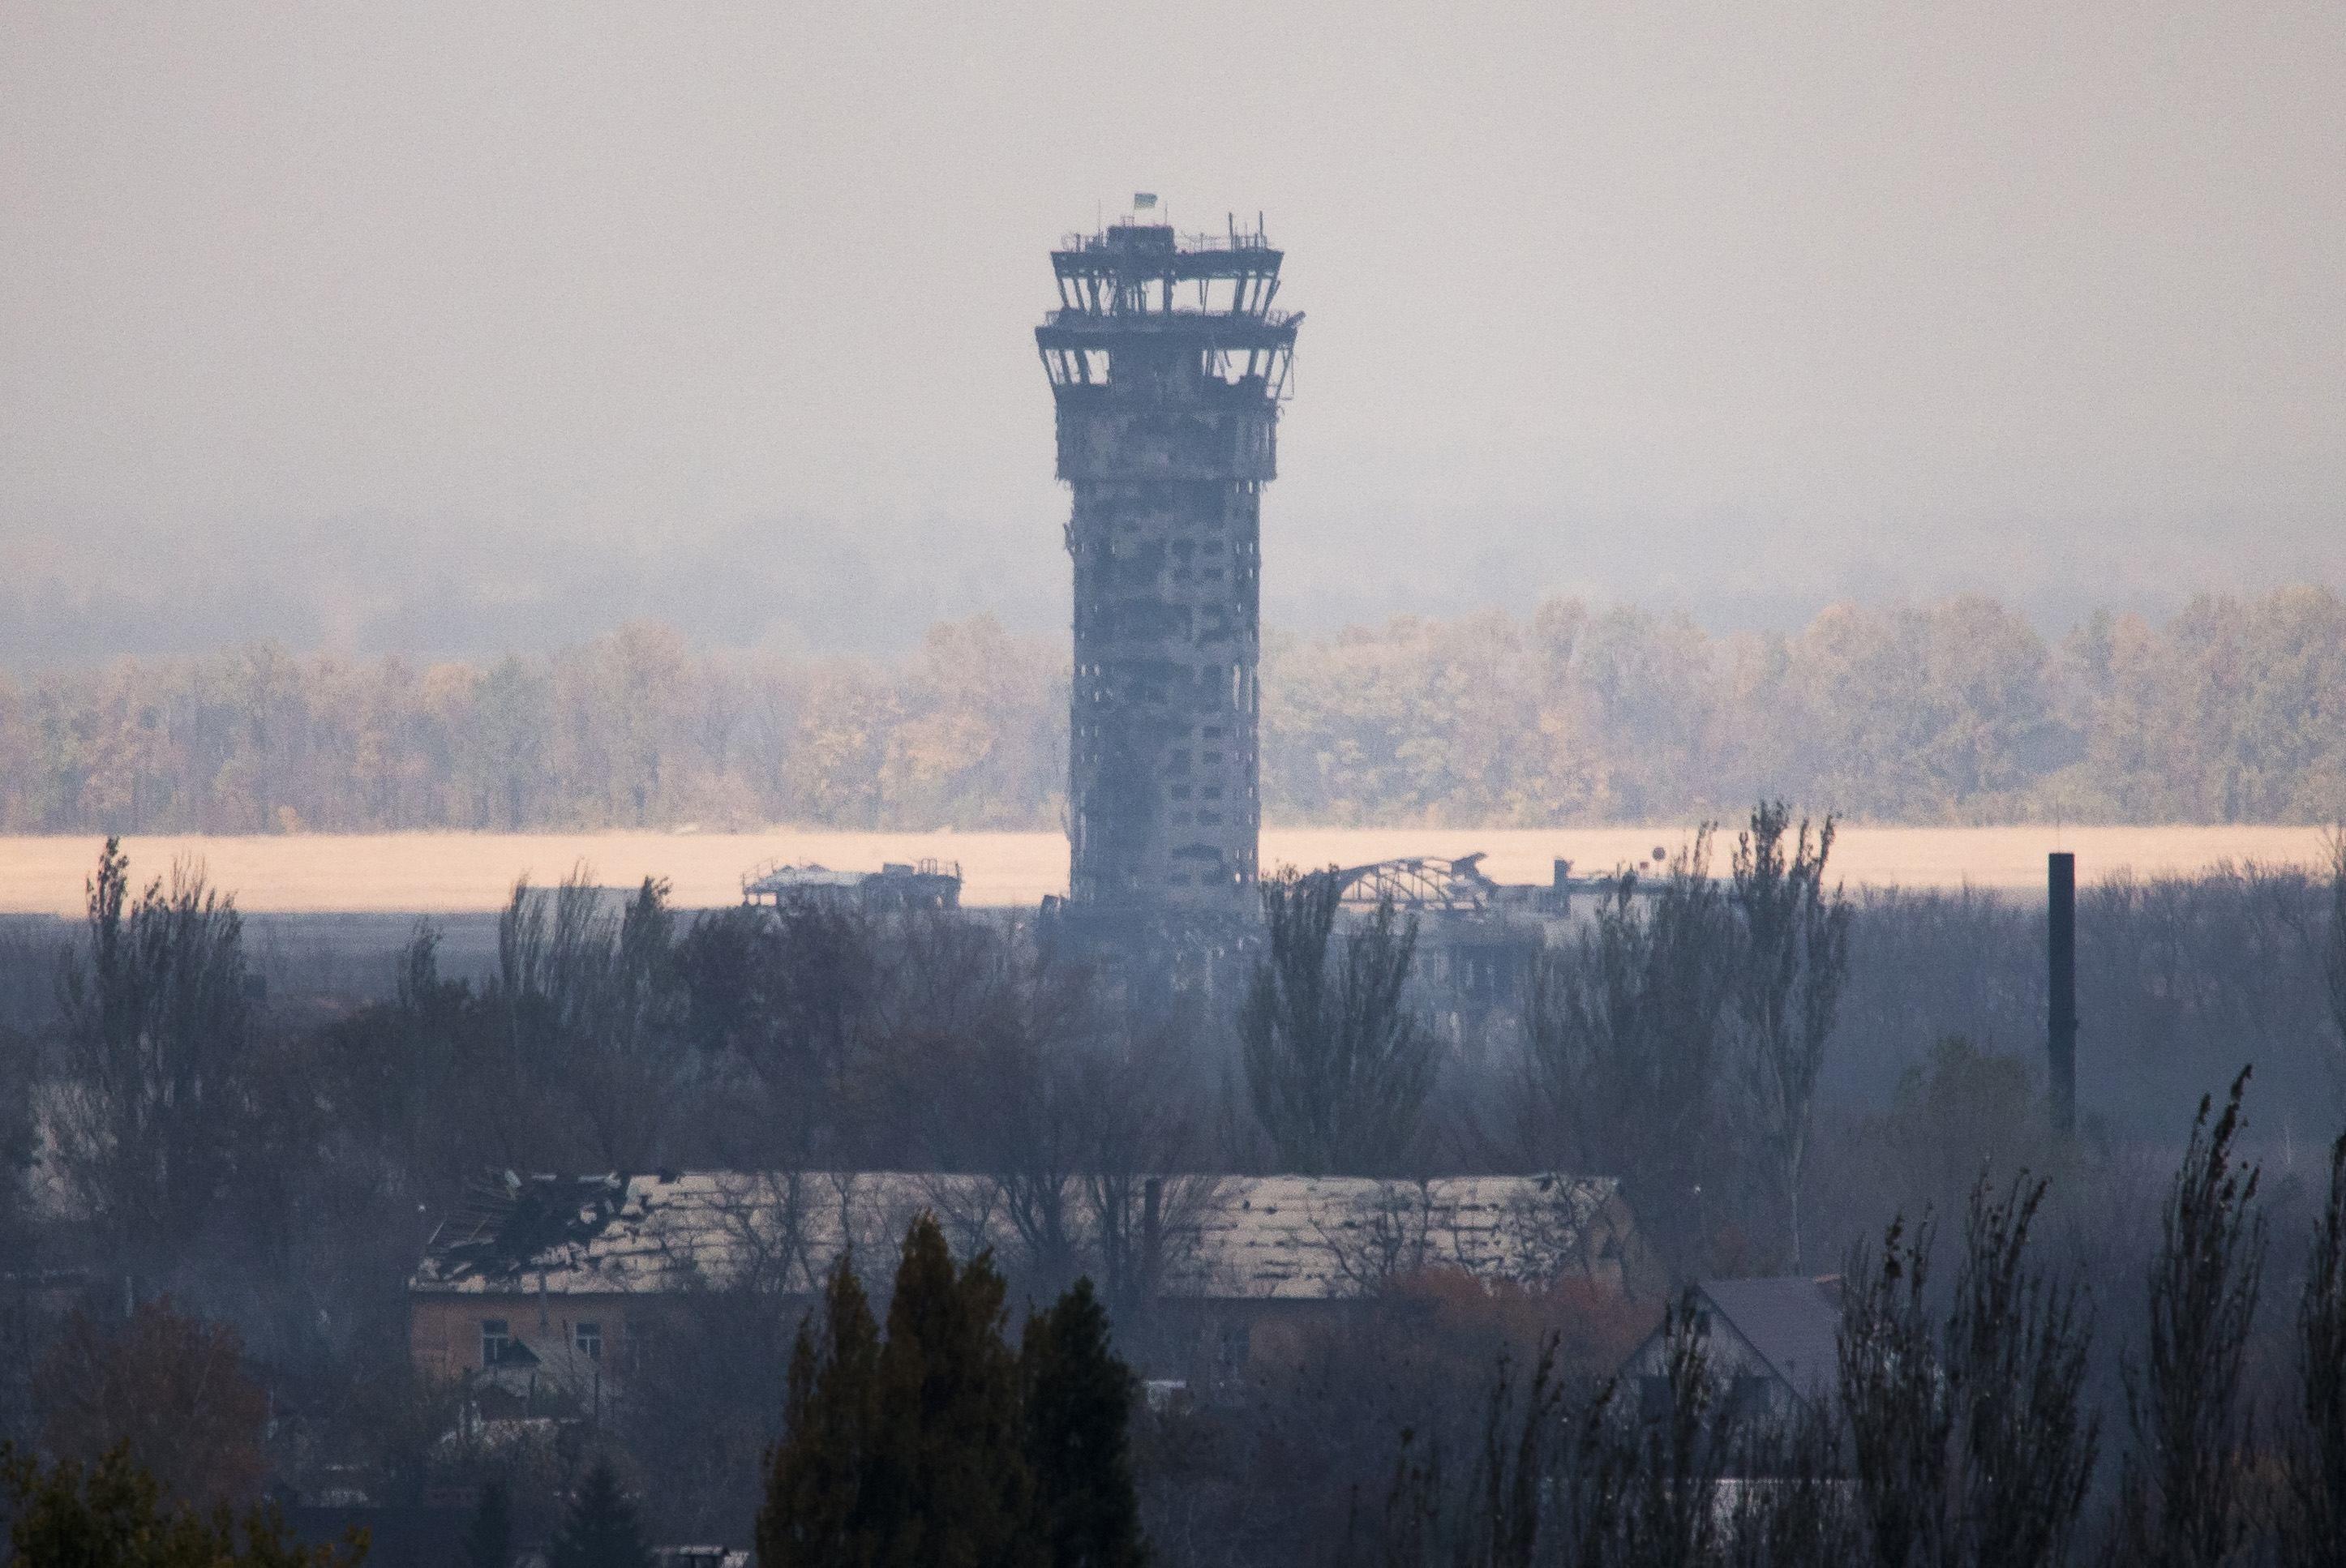 Диспетчерская вышка Донецкого аэропорта